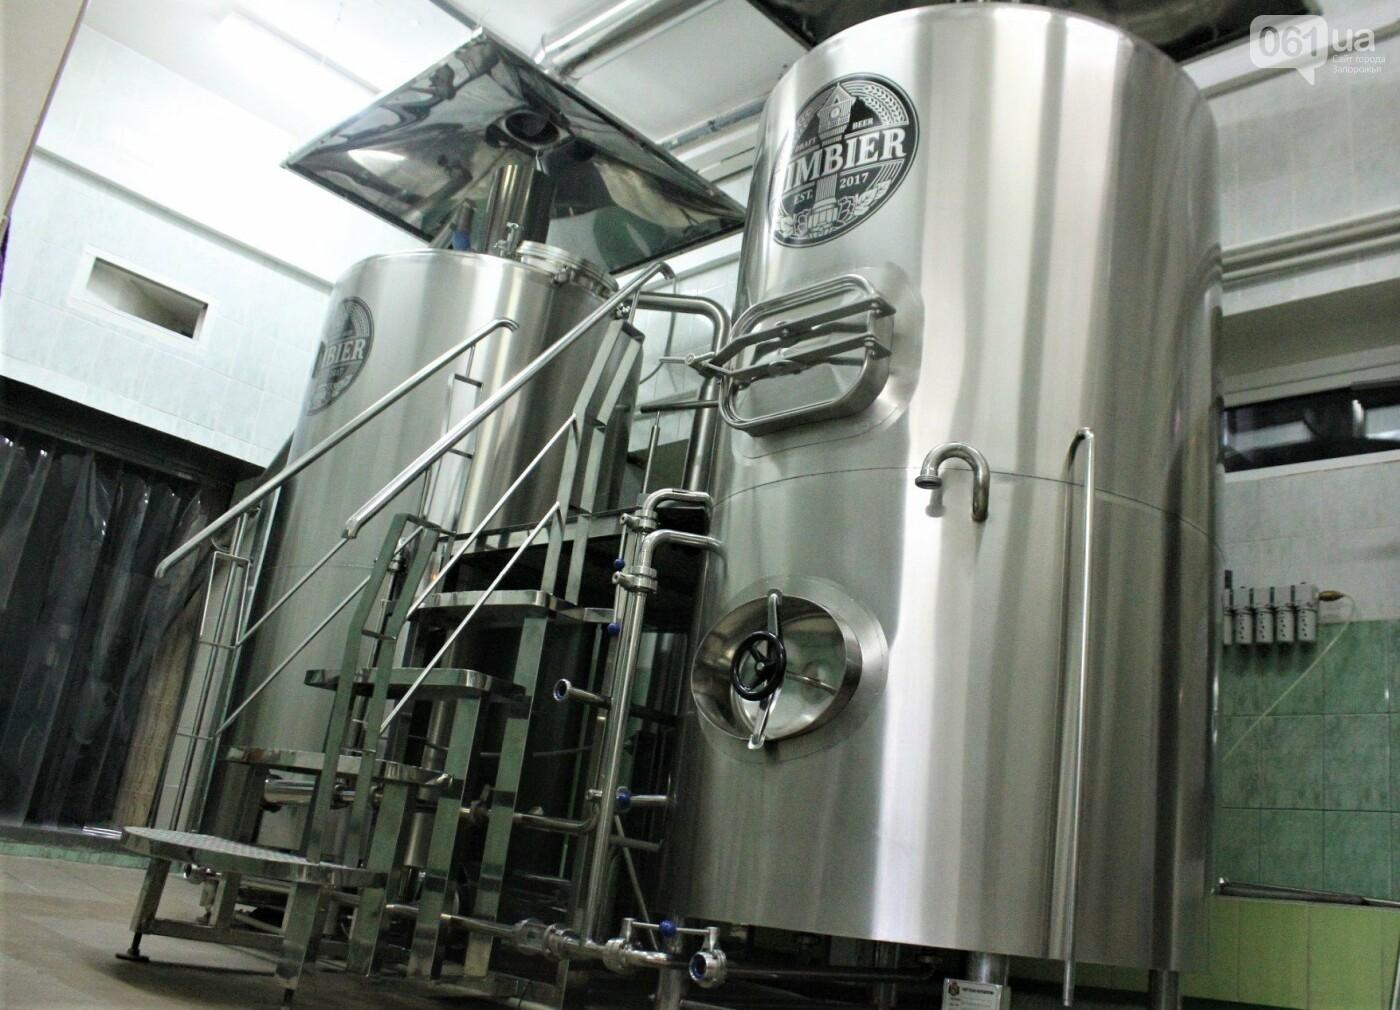 Как в Запорожье готовят крафтовое пиво «Limbier»: экскурсия на производство, – ФОТОРЕПОРТАЖ, фото-8